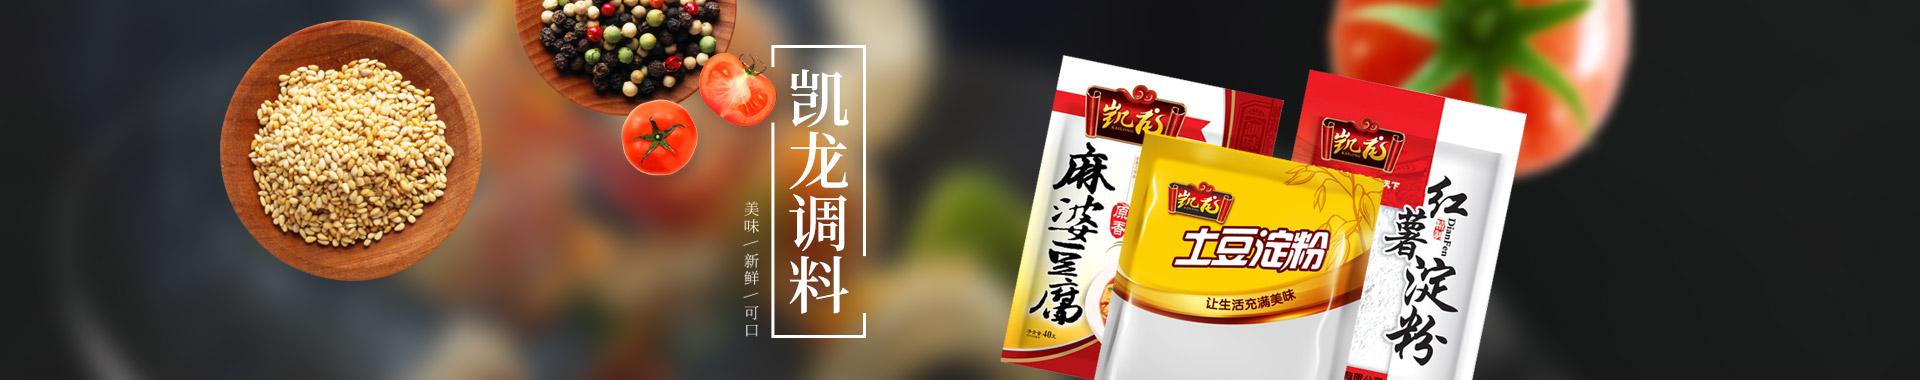 河南调味料|调味料厂家|调味料批发